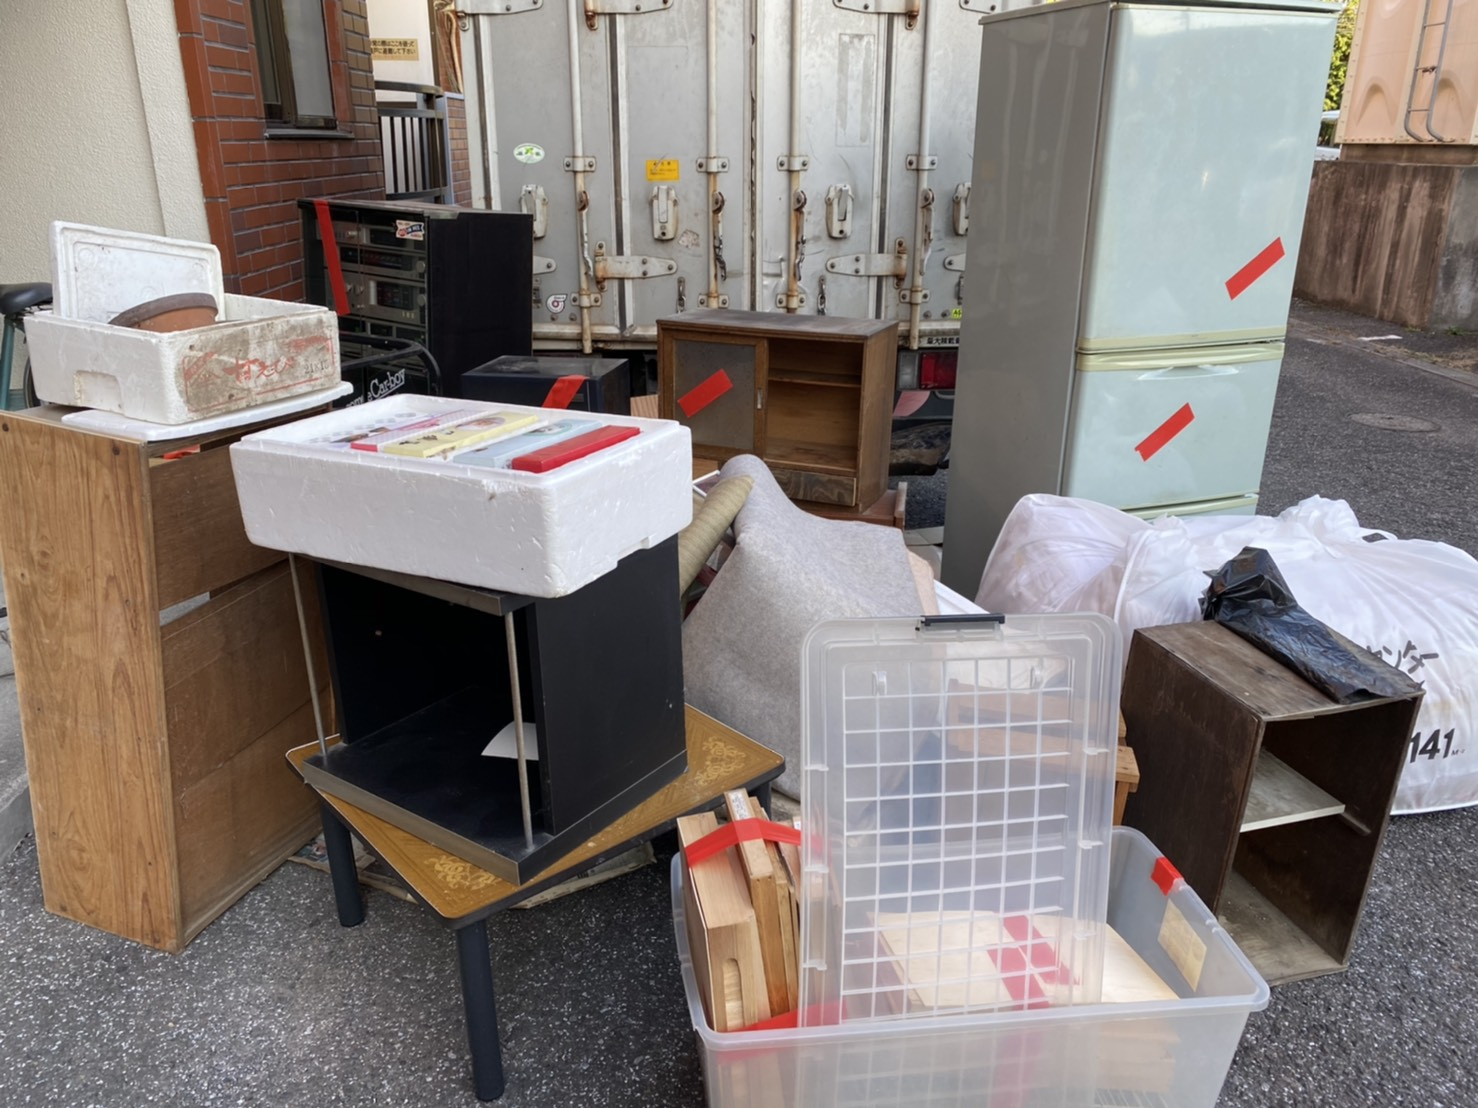 冷蔵庫、カラーボックス、テーブル、タンスの回収前